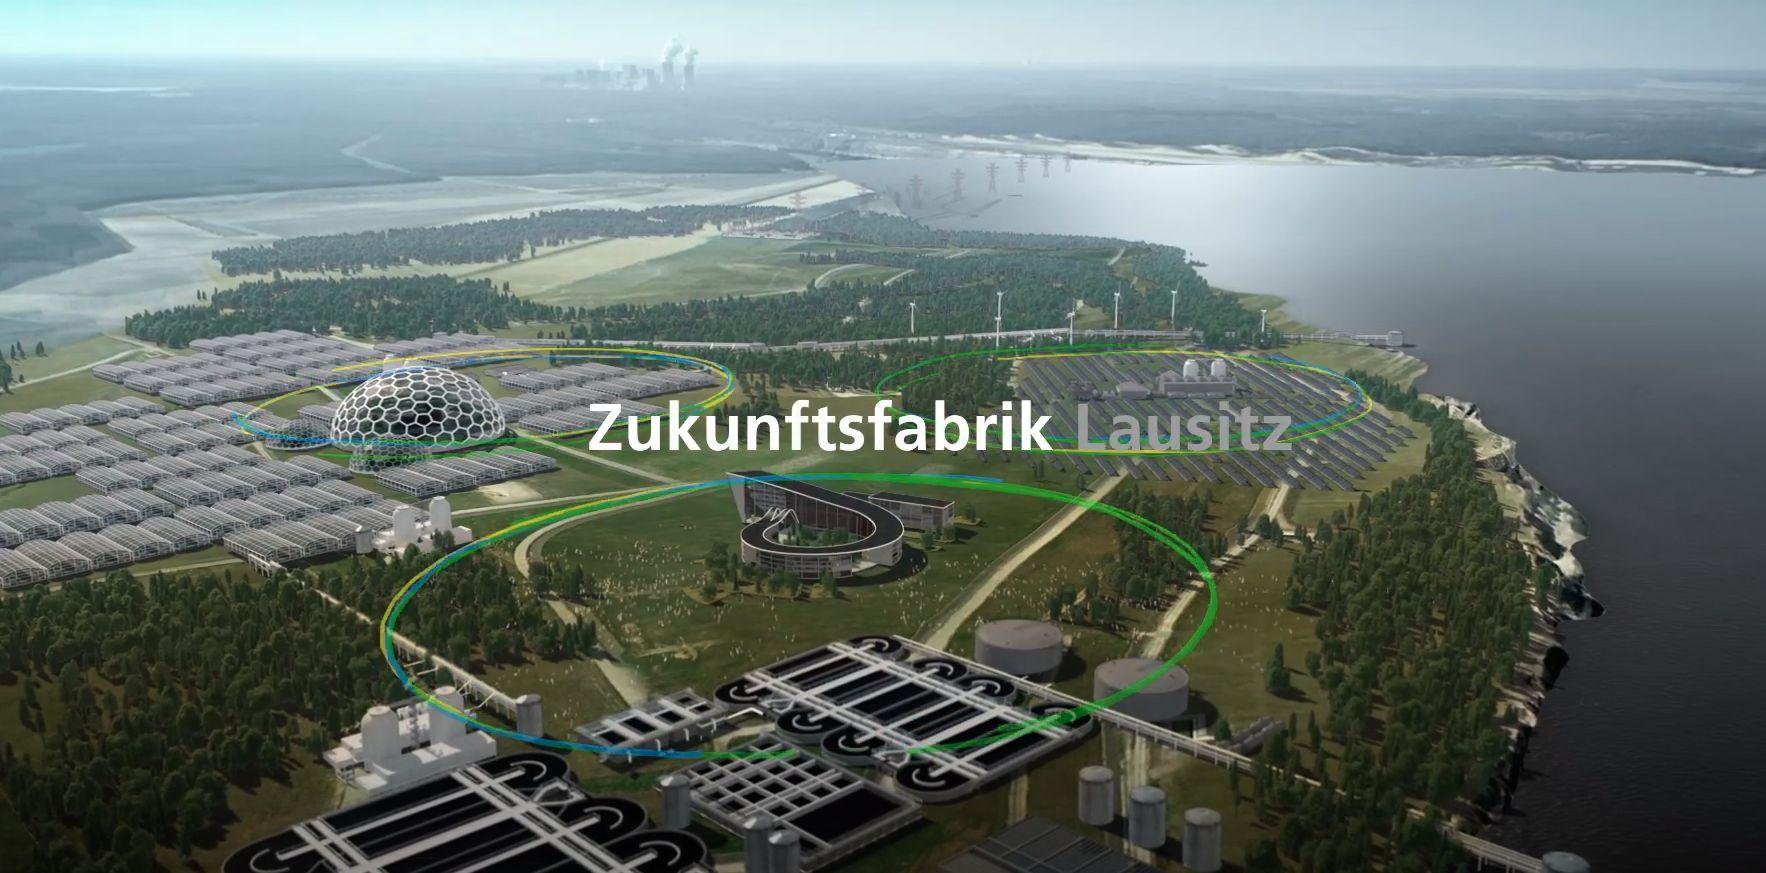 Zukunftsfabrik Lausitz – eine Vision für die gesamte Region